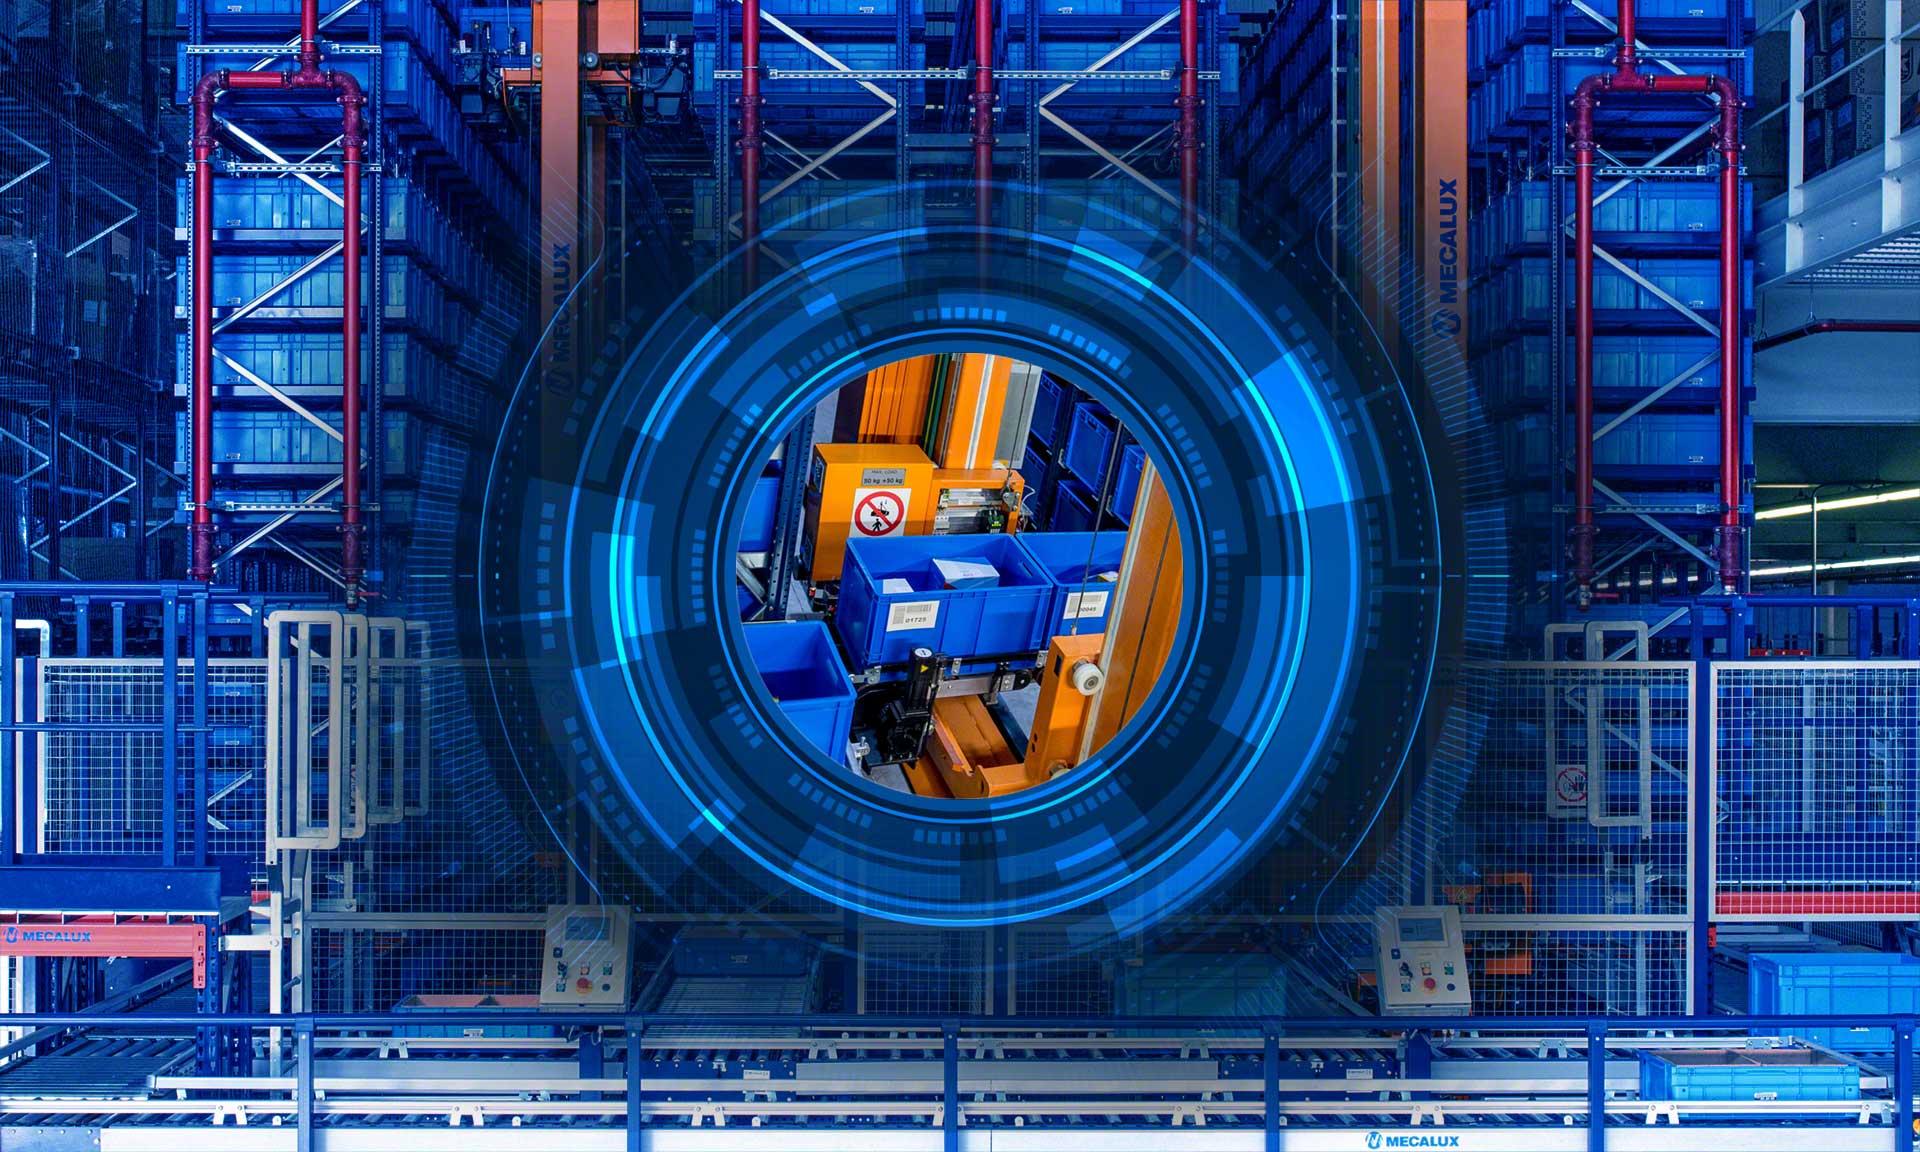 La automatización de almacenes es una tendencia al alza en la logística actual